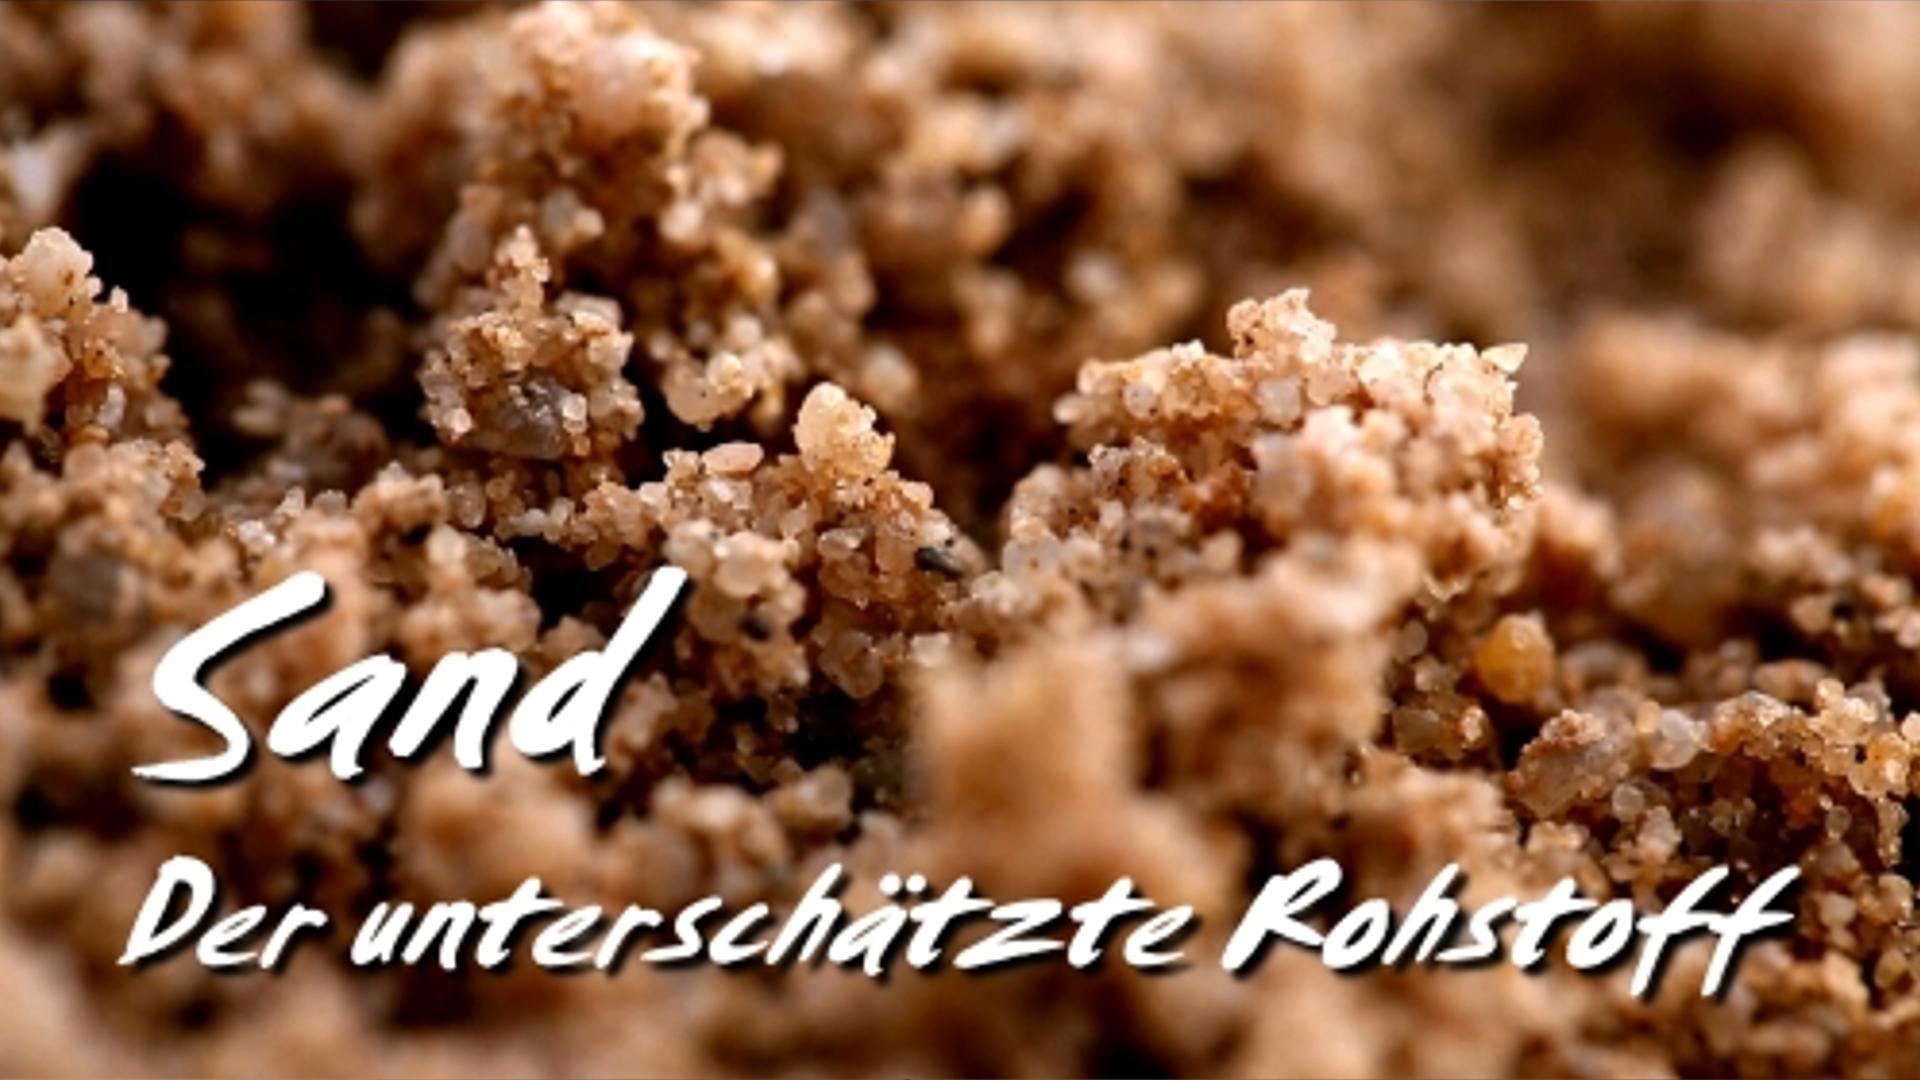 Unsere Welt: Auf Sand gebaut